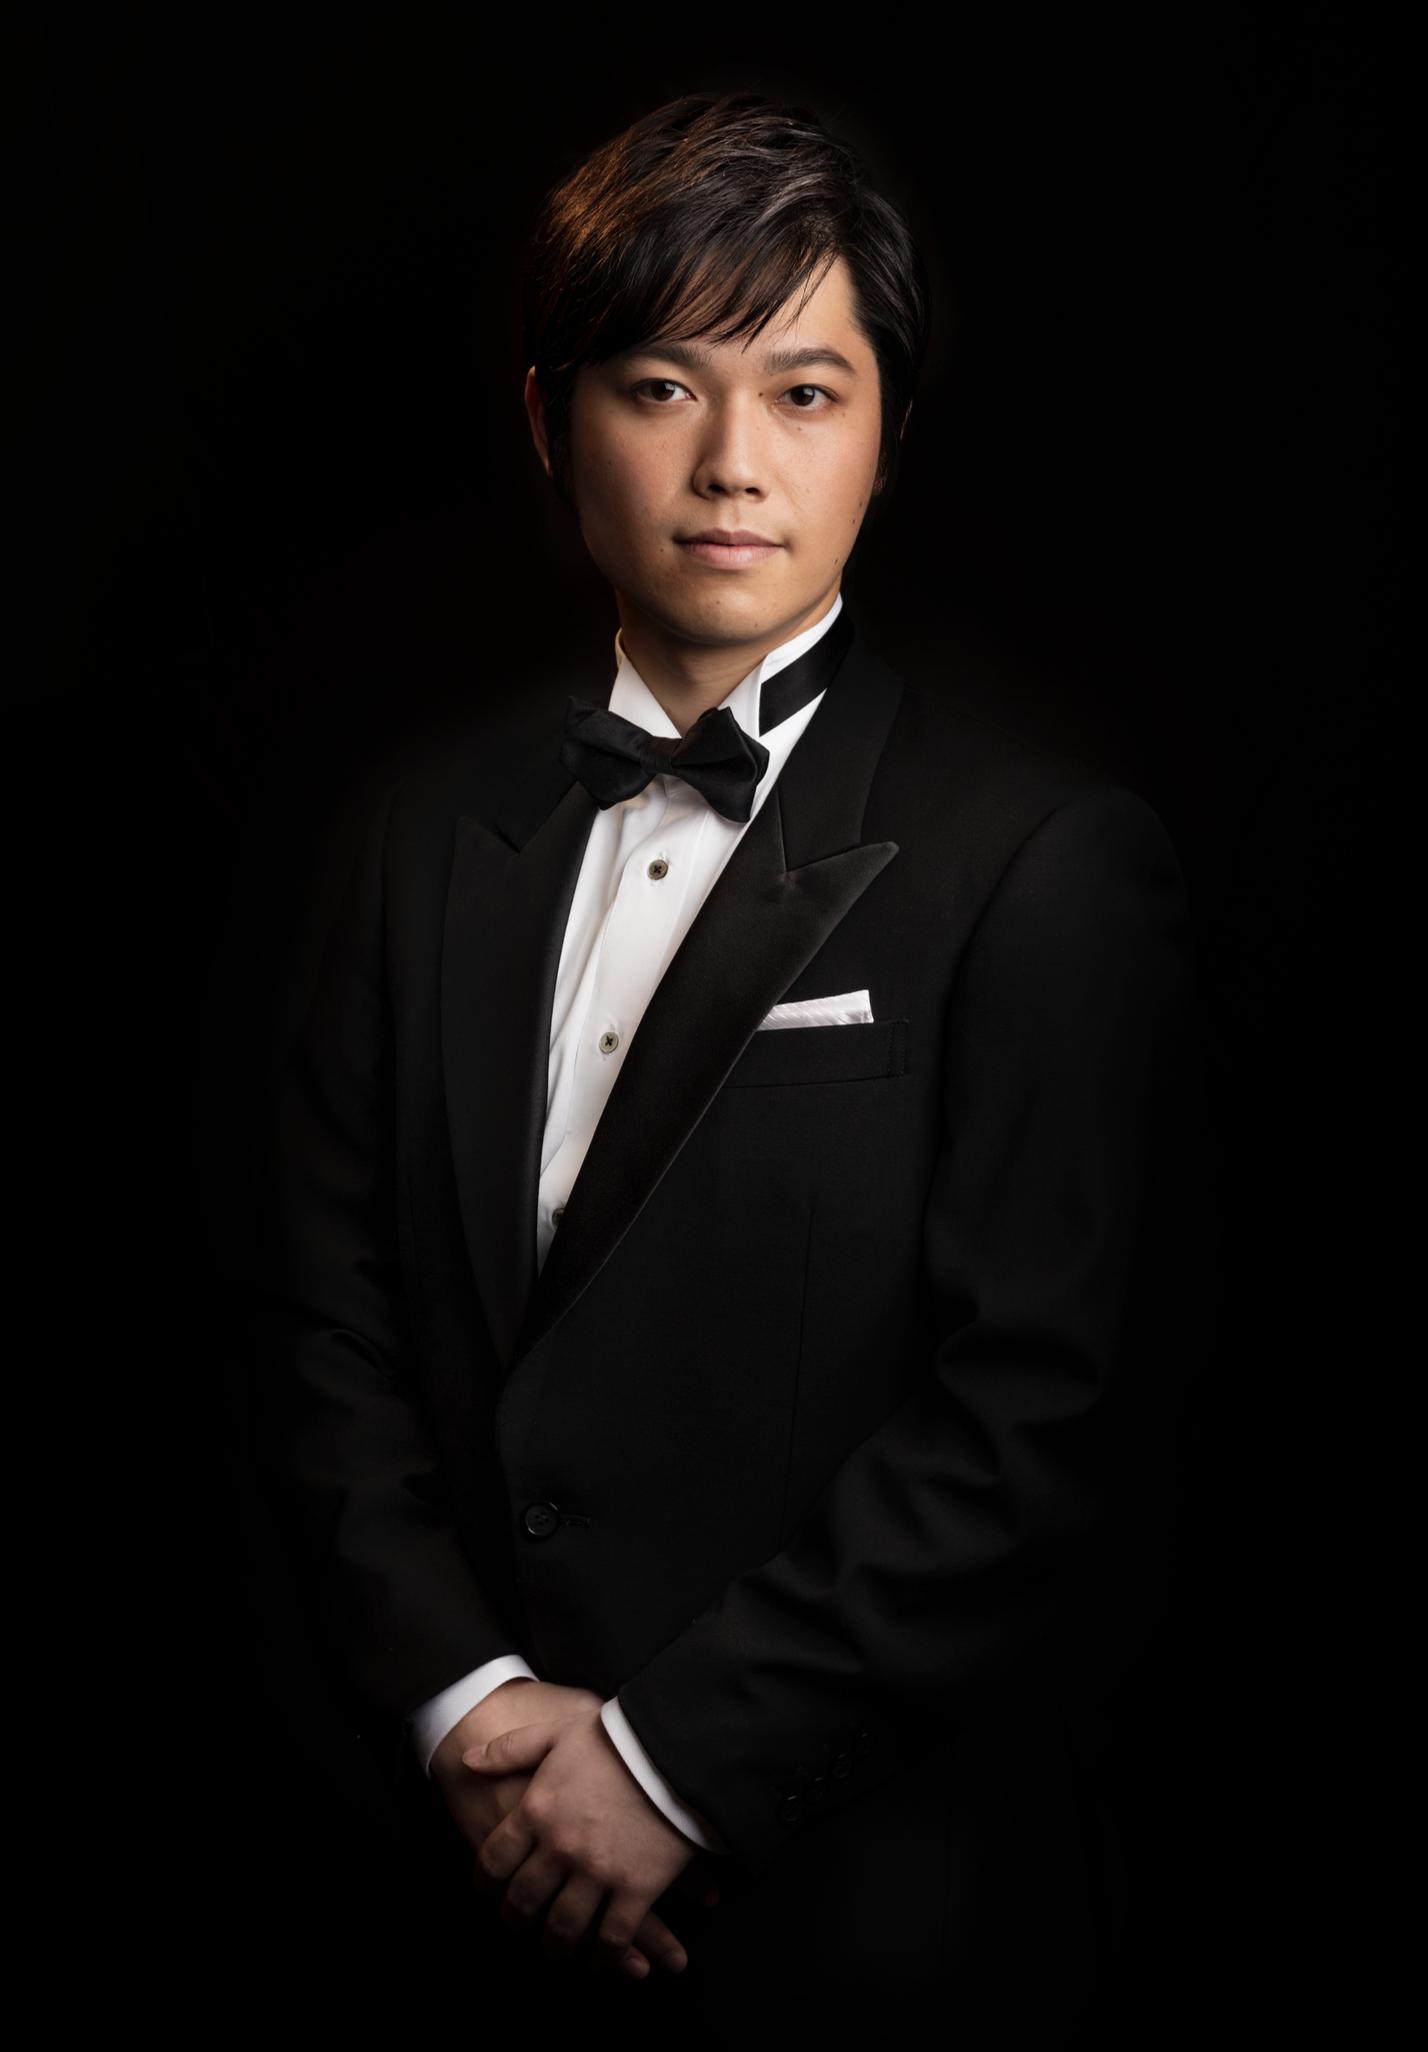 Toshiki Ishii